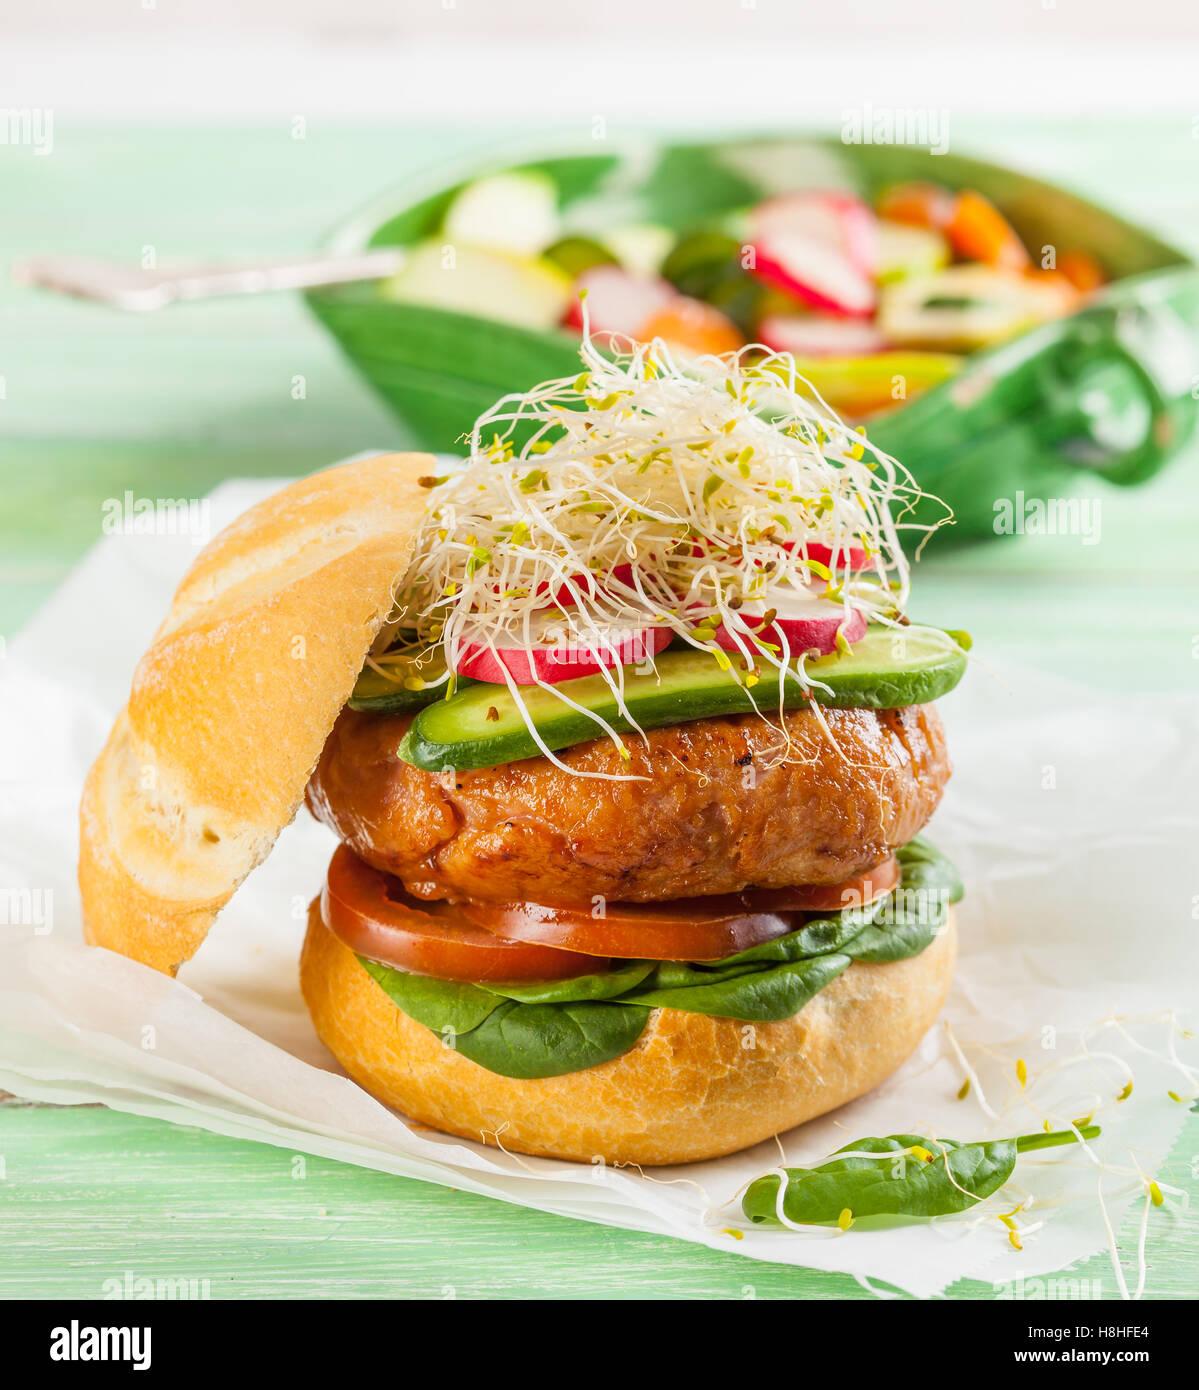 Un délicieux hamburger gastronomique avec des légumes frais: tomate, épinards, choux, radis Photo Stock